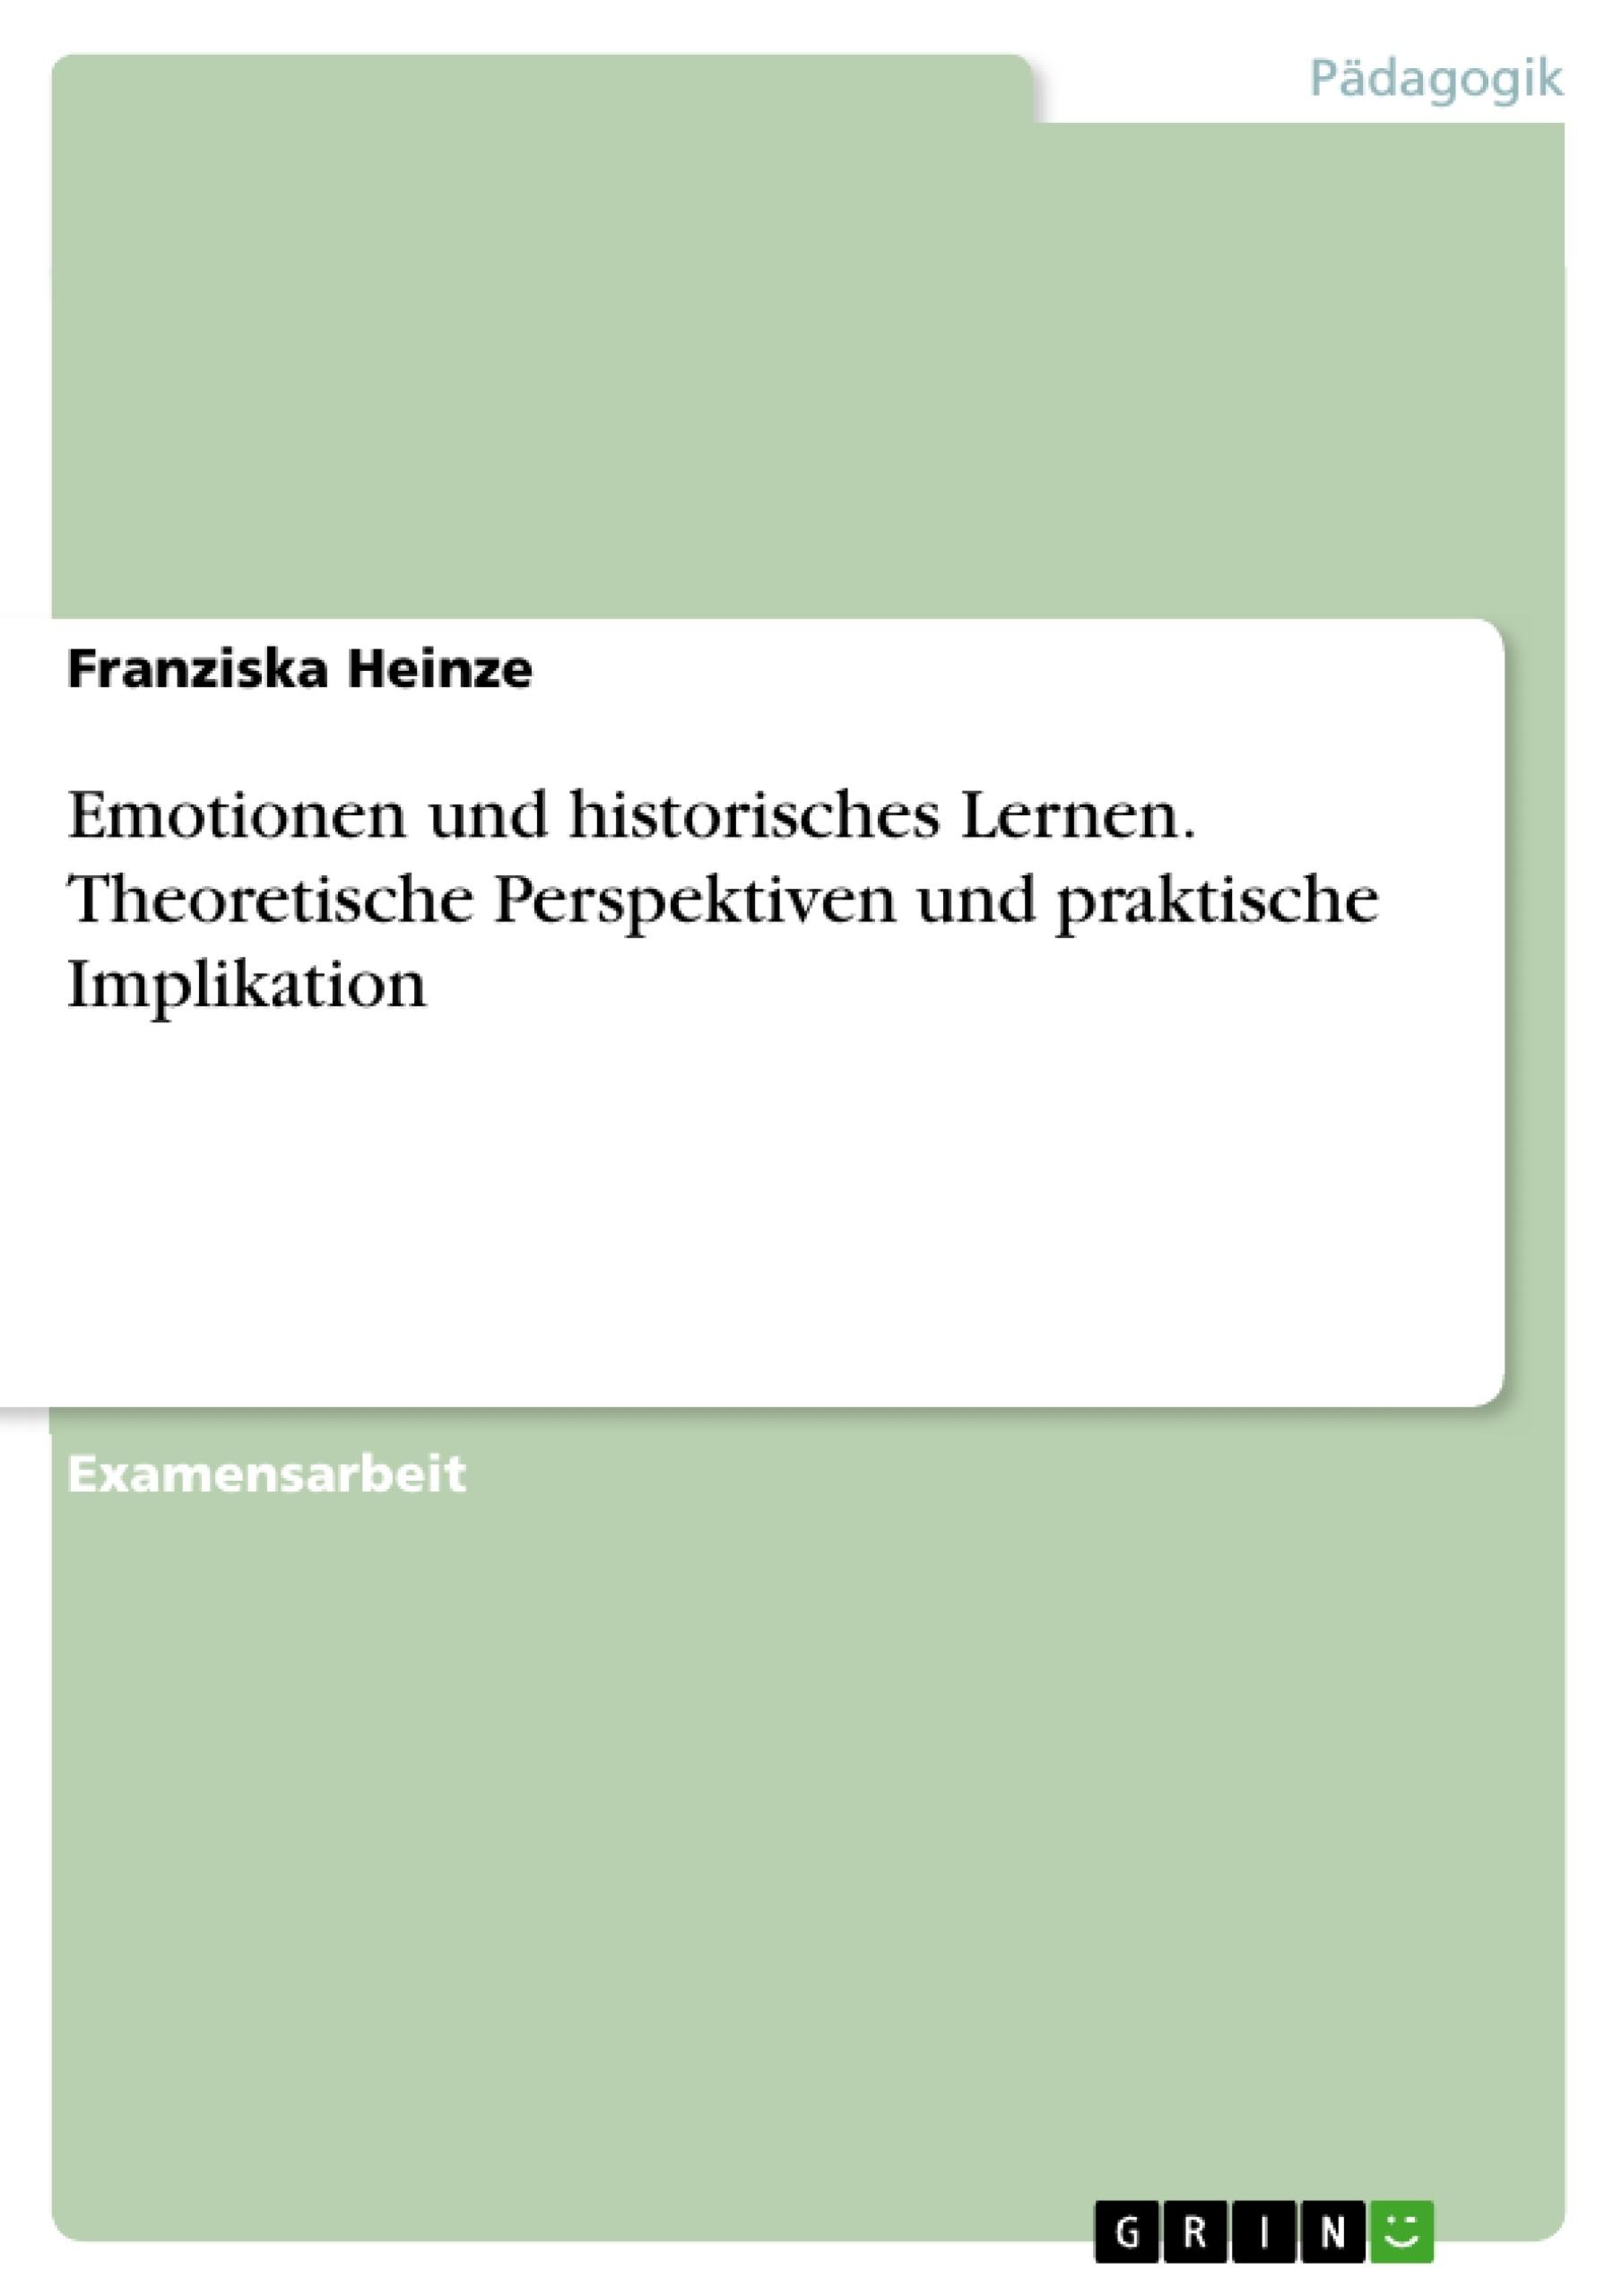 Titel: Emotionen und historisches Lernen. Theoretische Perspektiven und praktische Implikation